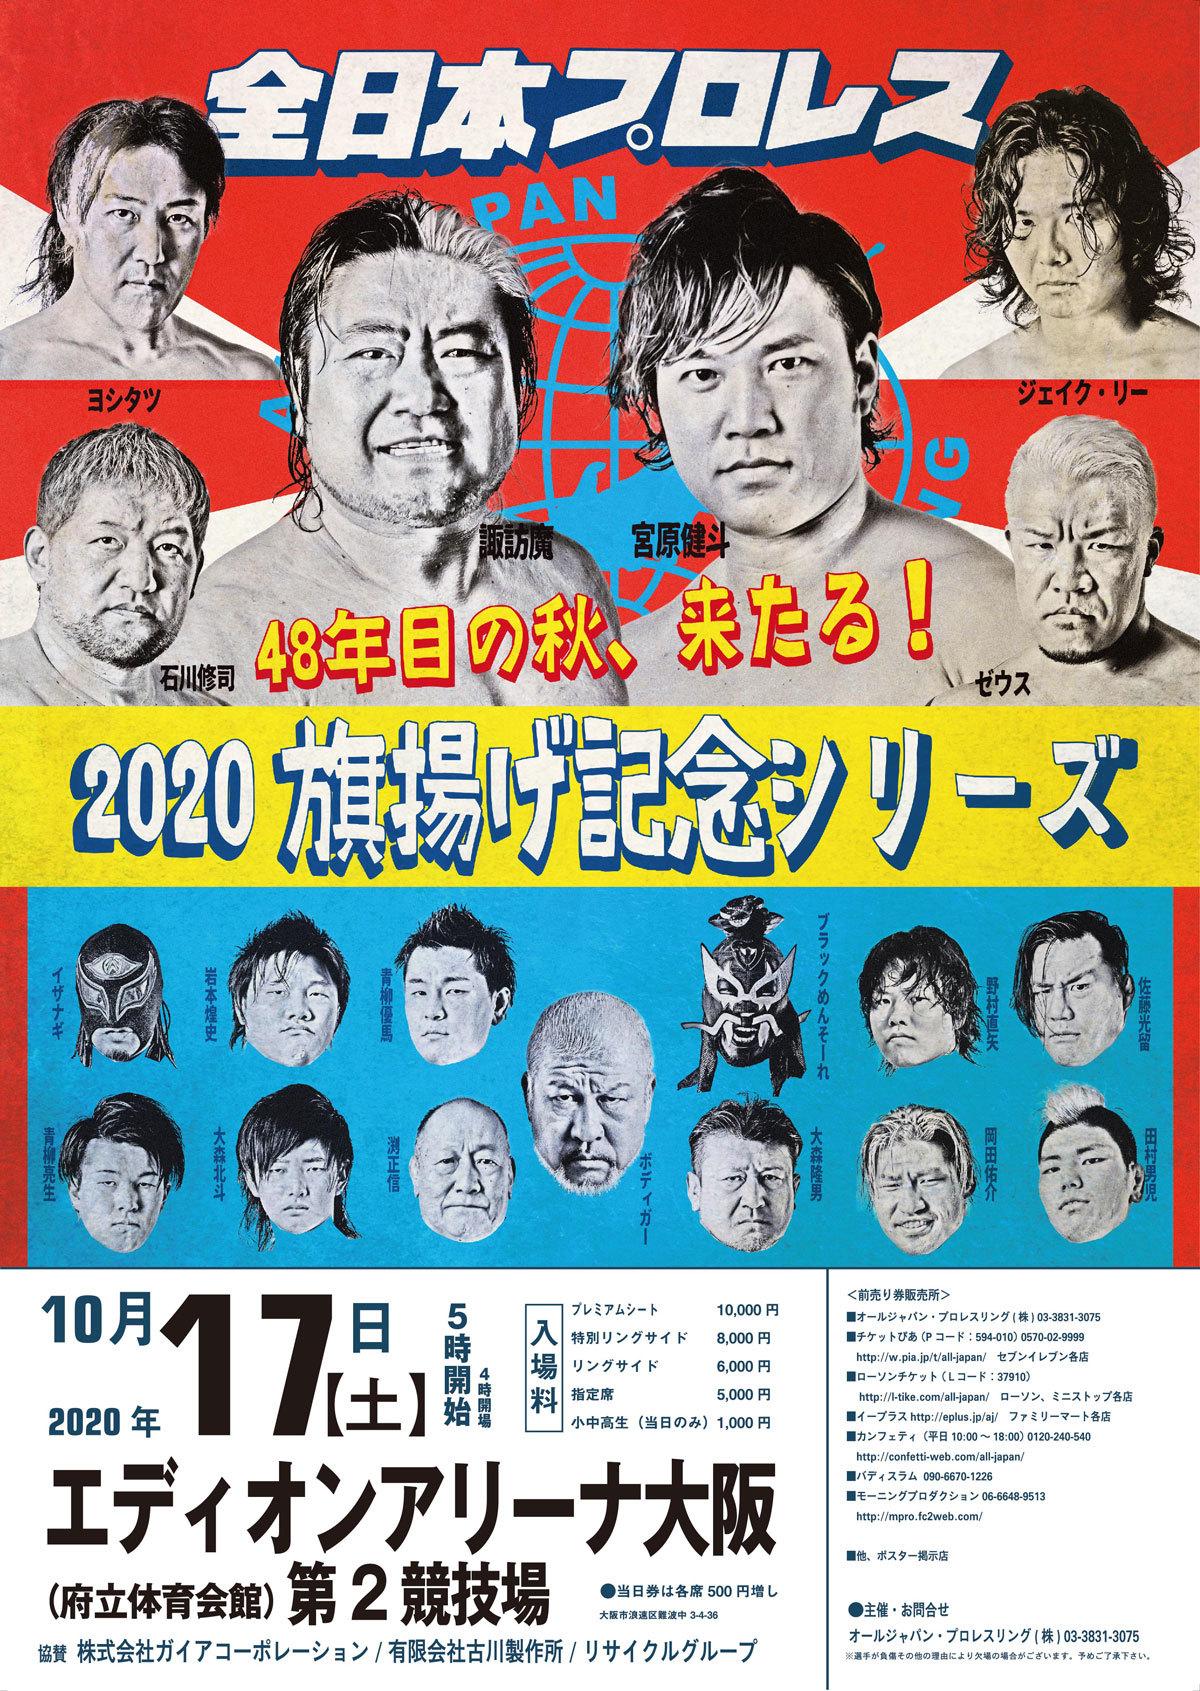 17日(土)の大阪大会では「三冠ヘビー級選手権試合」や「GAORA TVチャンピオンシップ」を予定